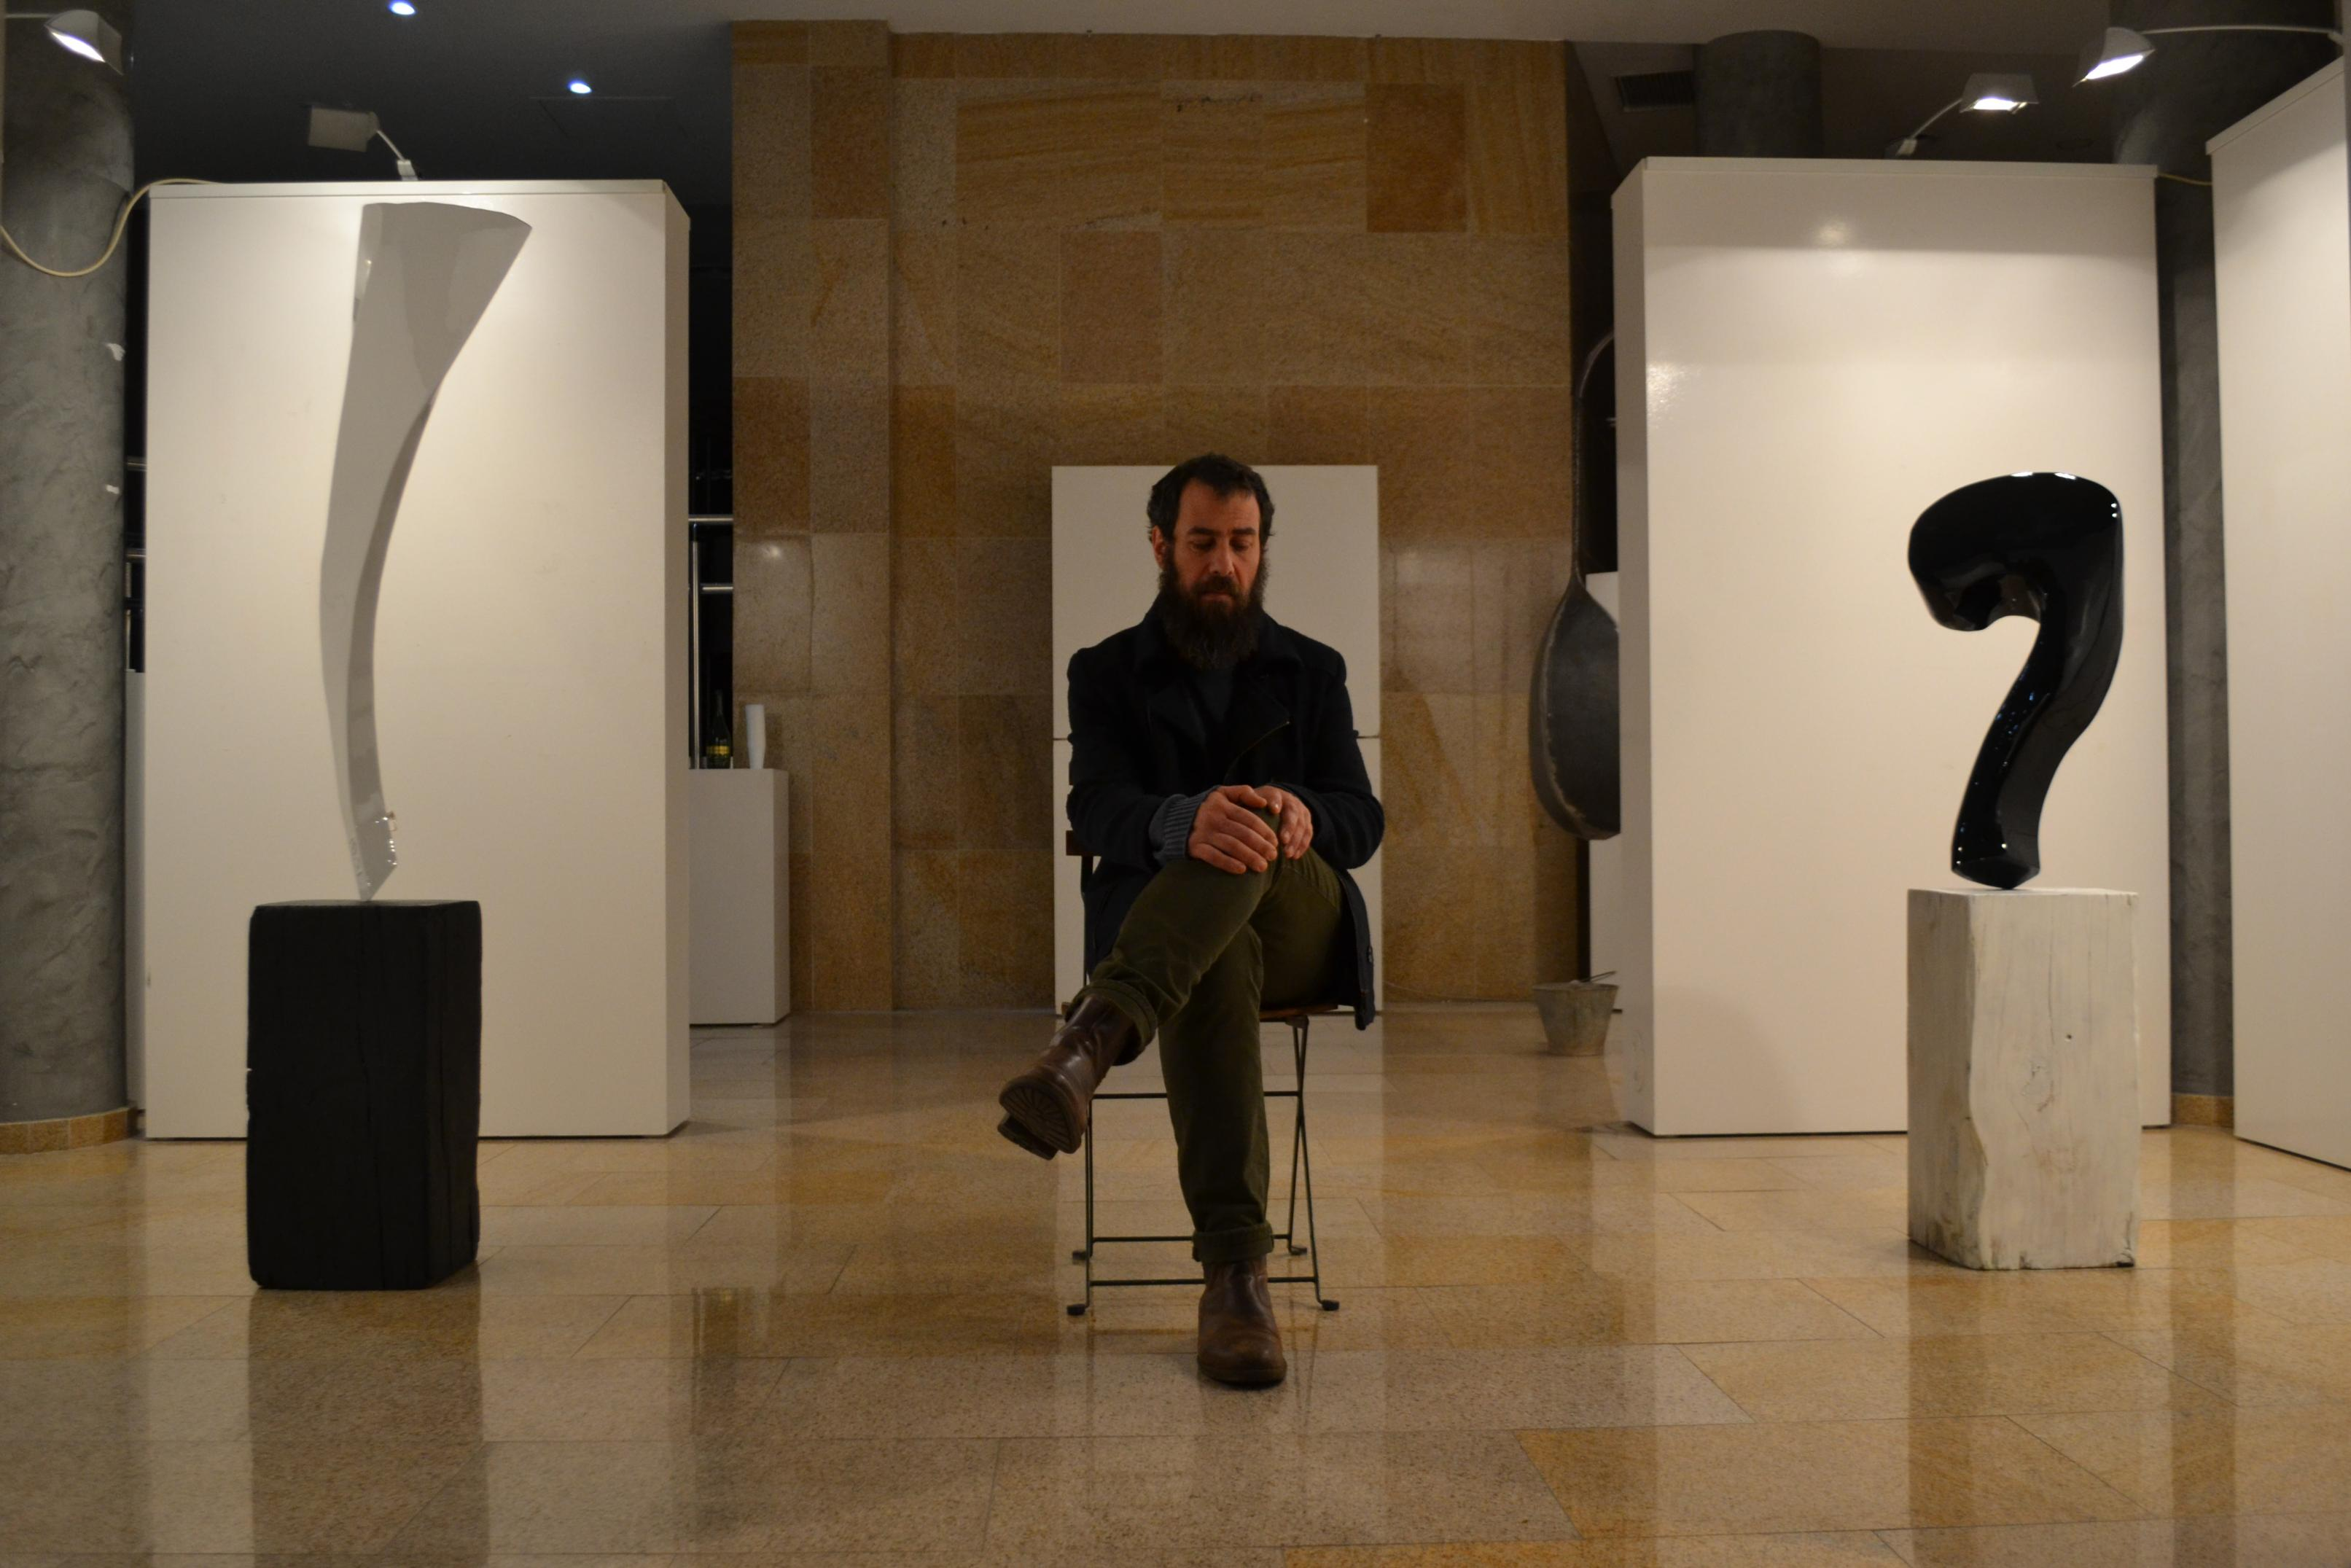 Plática (2017) - Gaston Luciano Bonanno